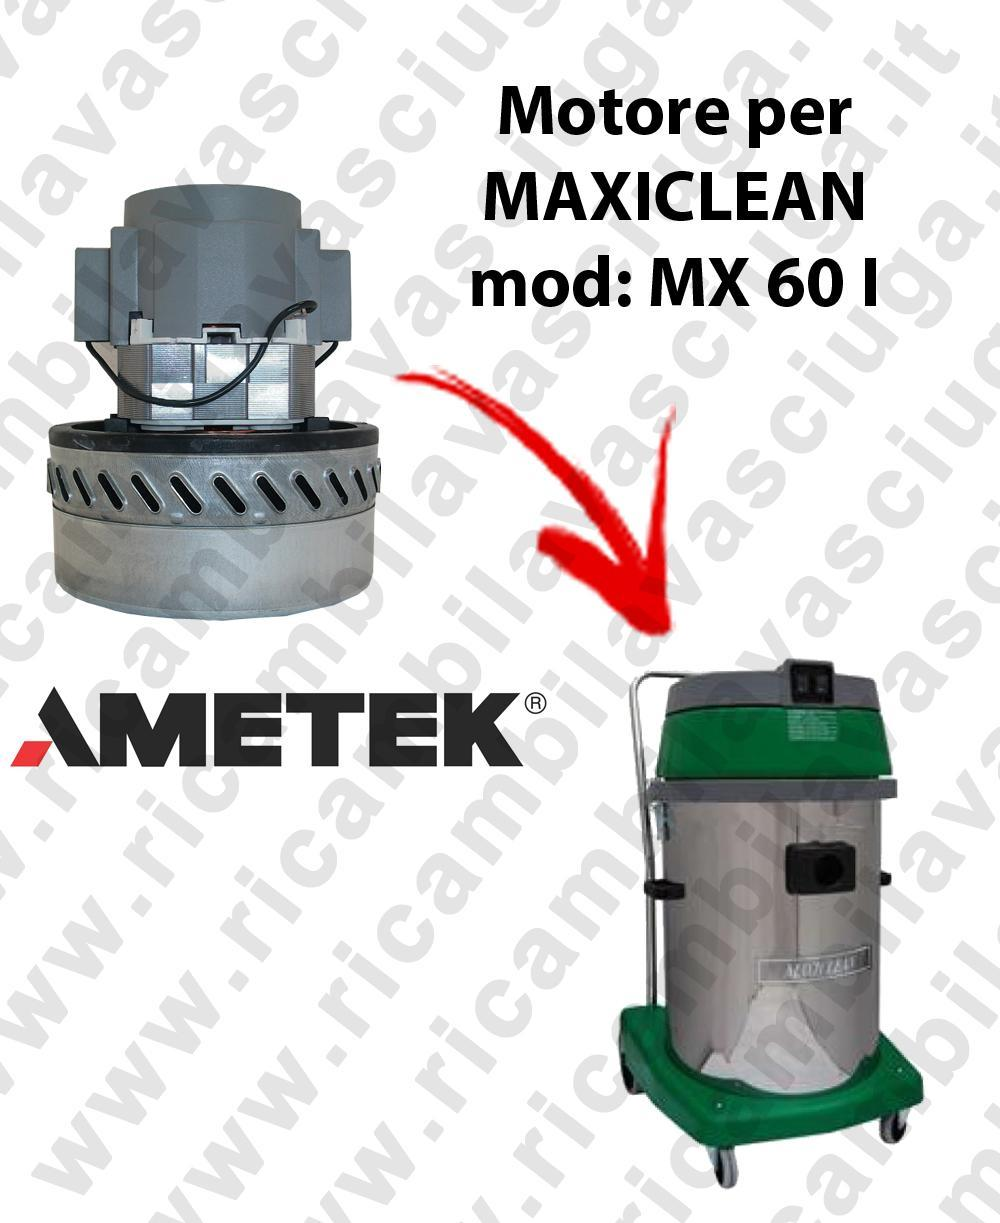 MX 60 I MOTEUR AMETEK aspiration pour aspirateur et aspirateur à eau MAXICLEAN